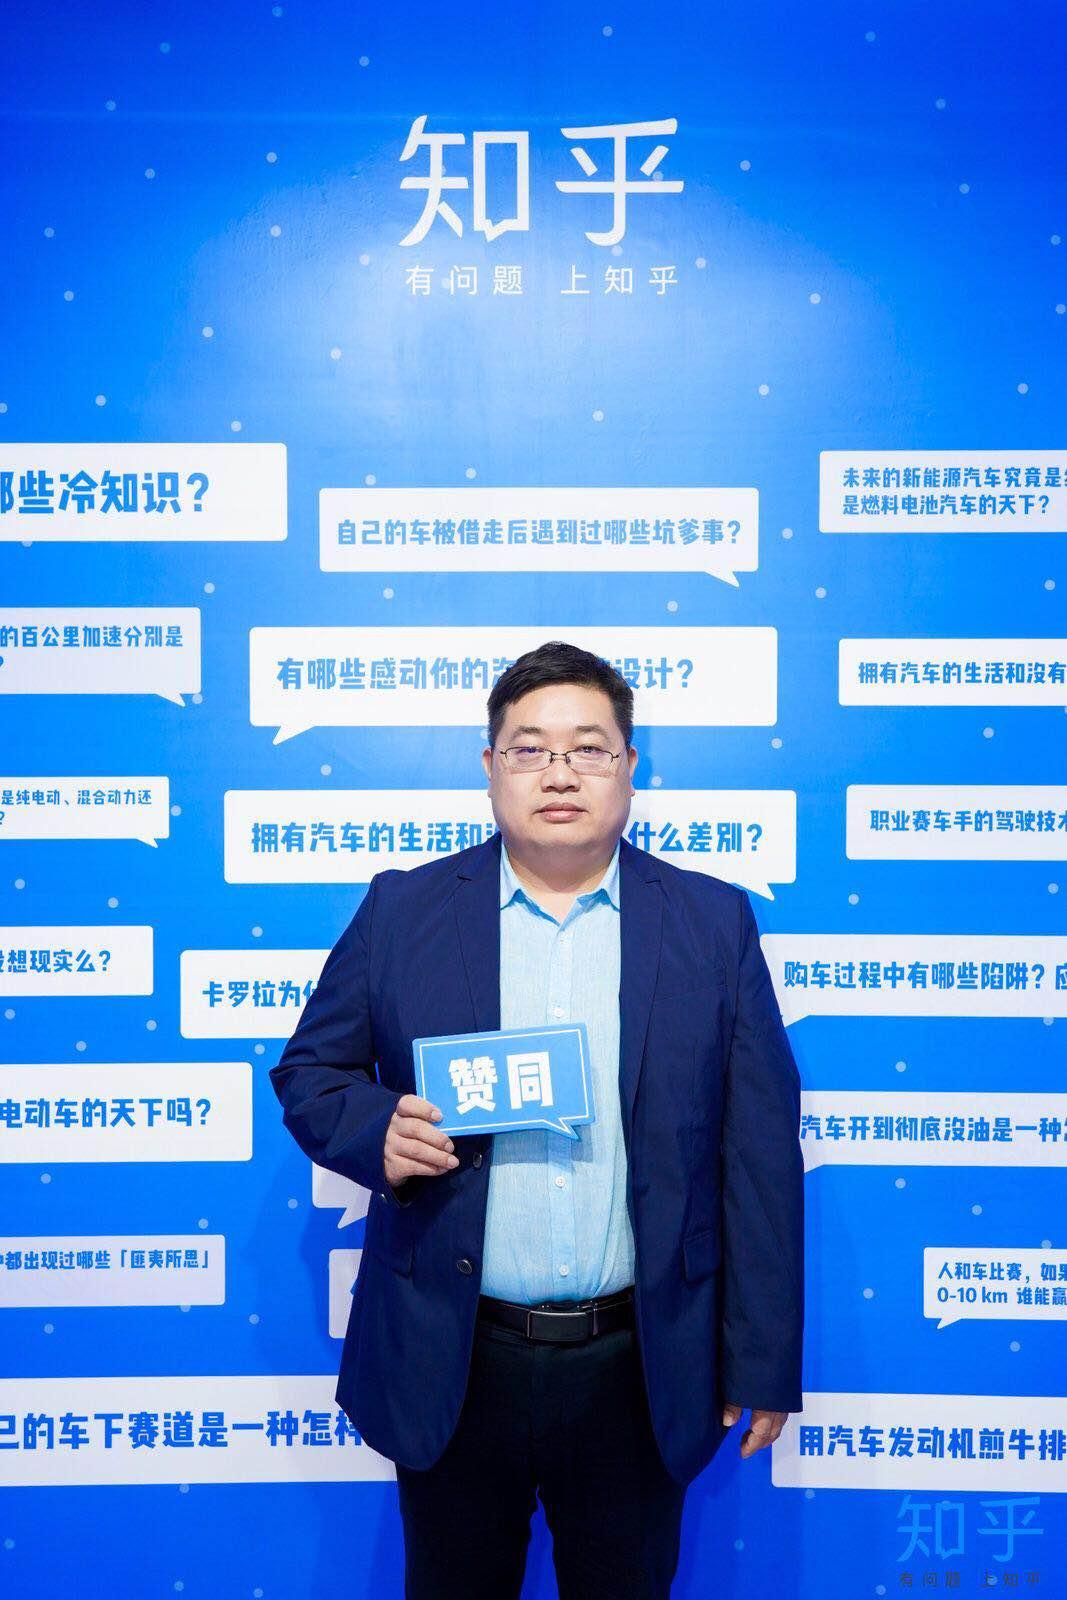 长城汽车销售公司皮卡营销总监张昊保